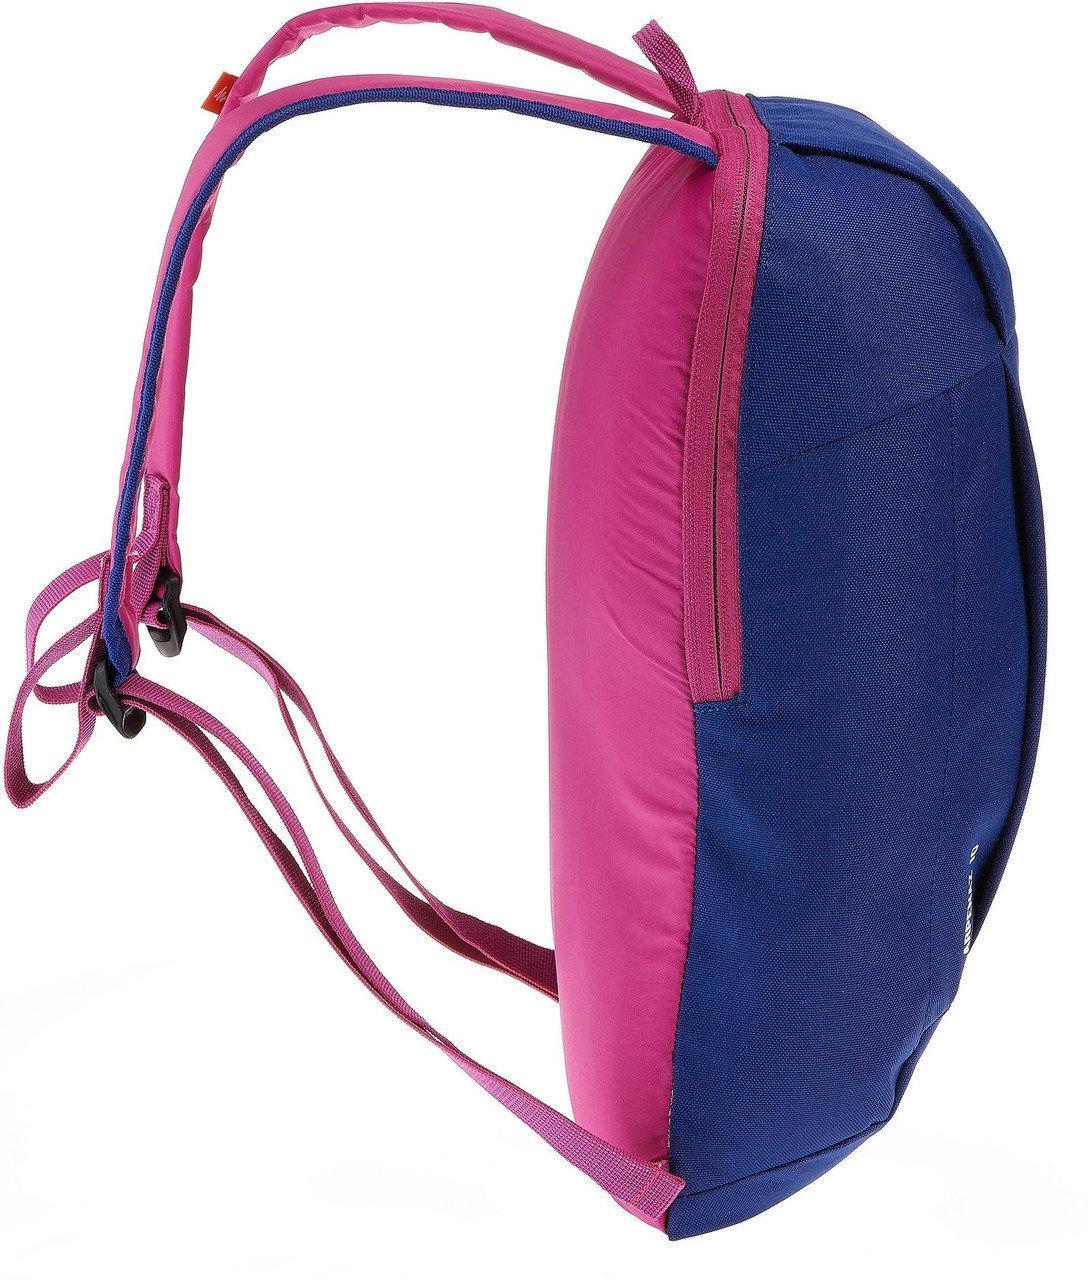 Спортивный рюкзак QUECHUA 10L, фиолетовый, фото 3